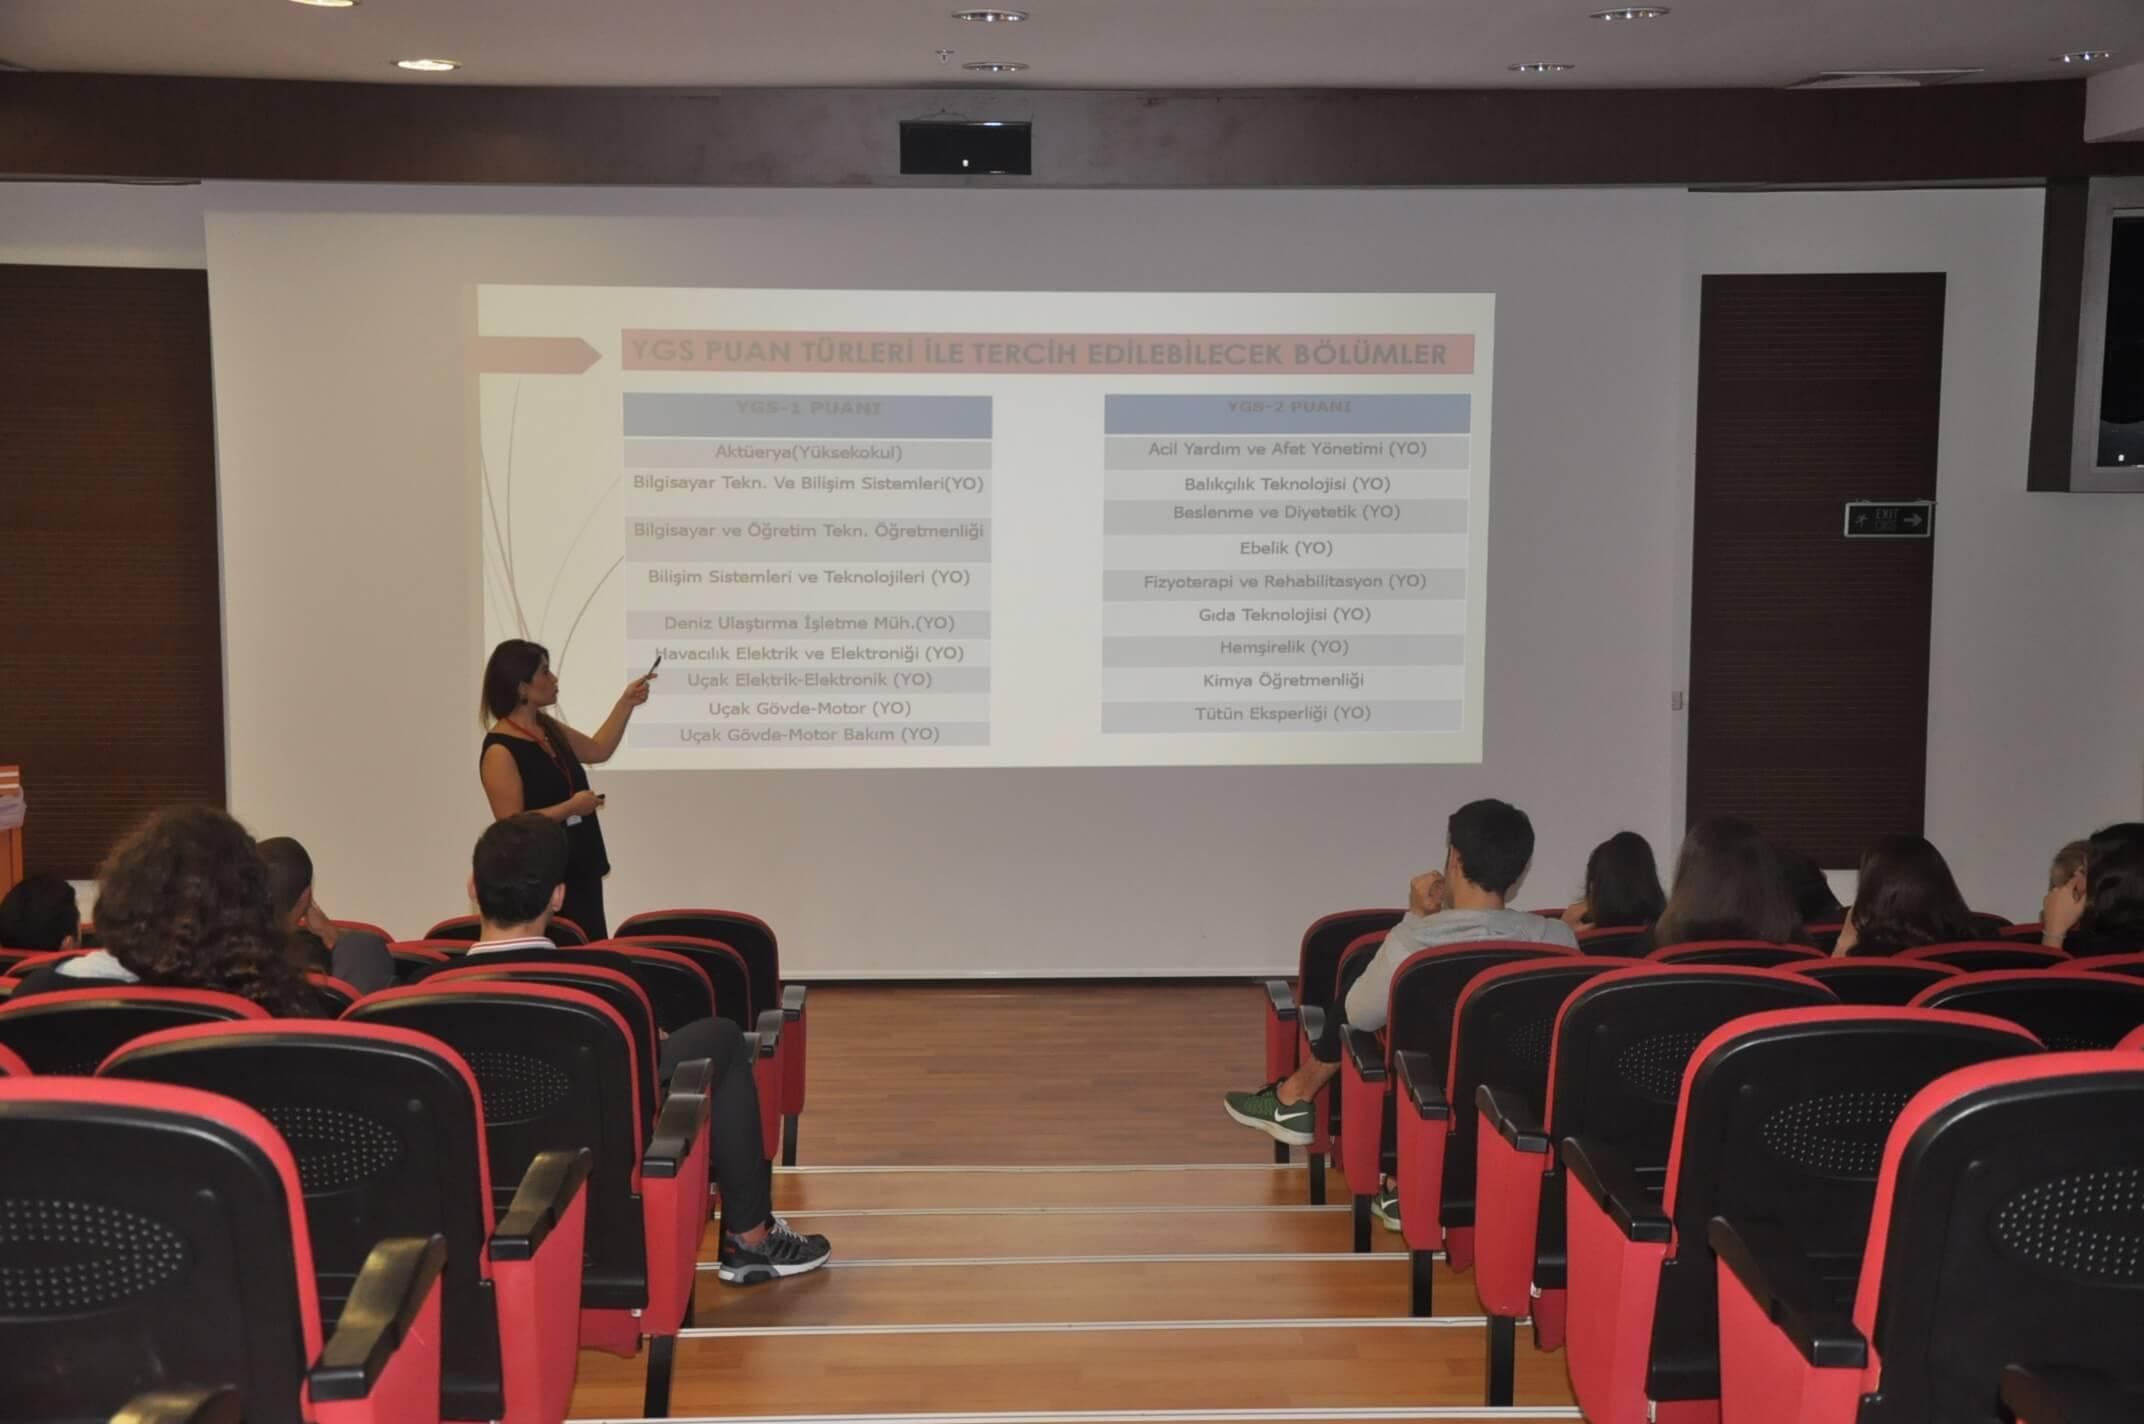 """12. Sınıf Öğrencilerimize Yönelik  """"YGS-LYS Öğrenci Bilgilendirme Semineri"""" Düzenlendi"""